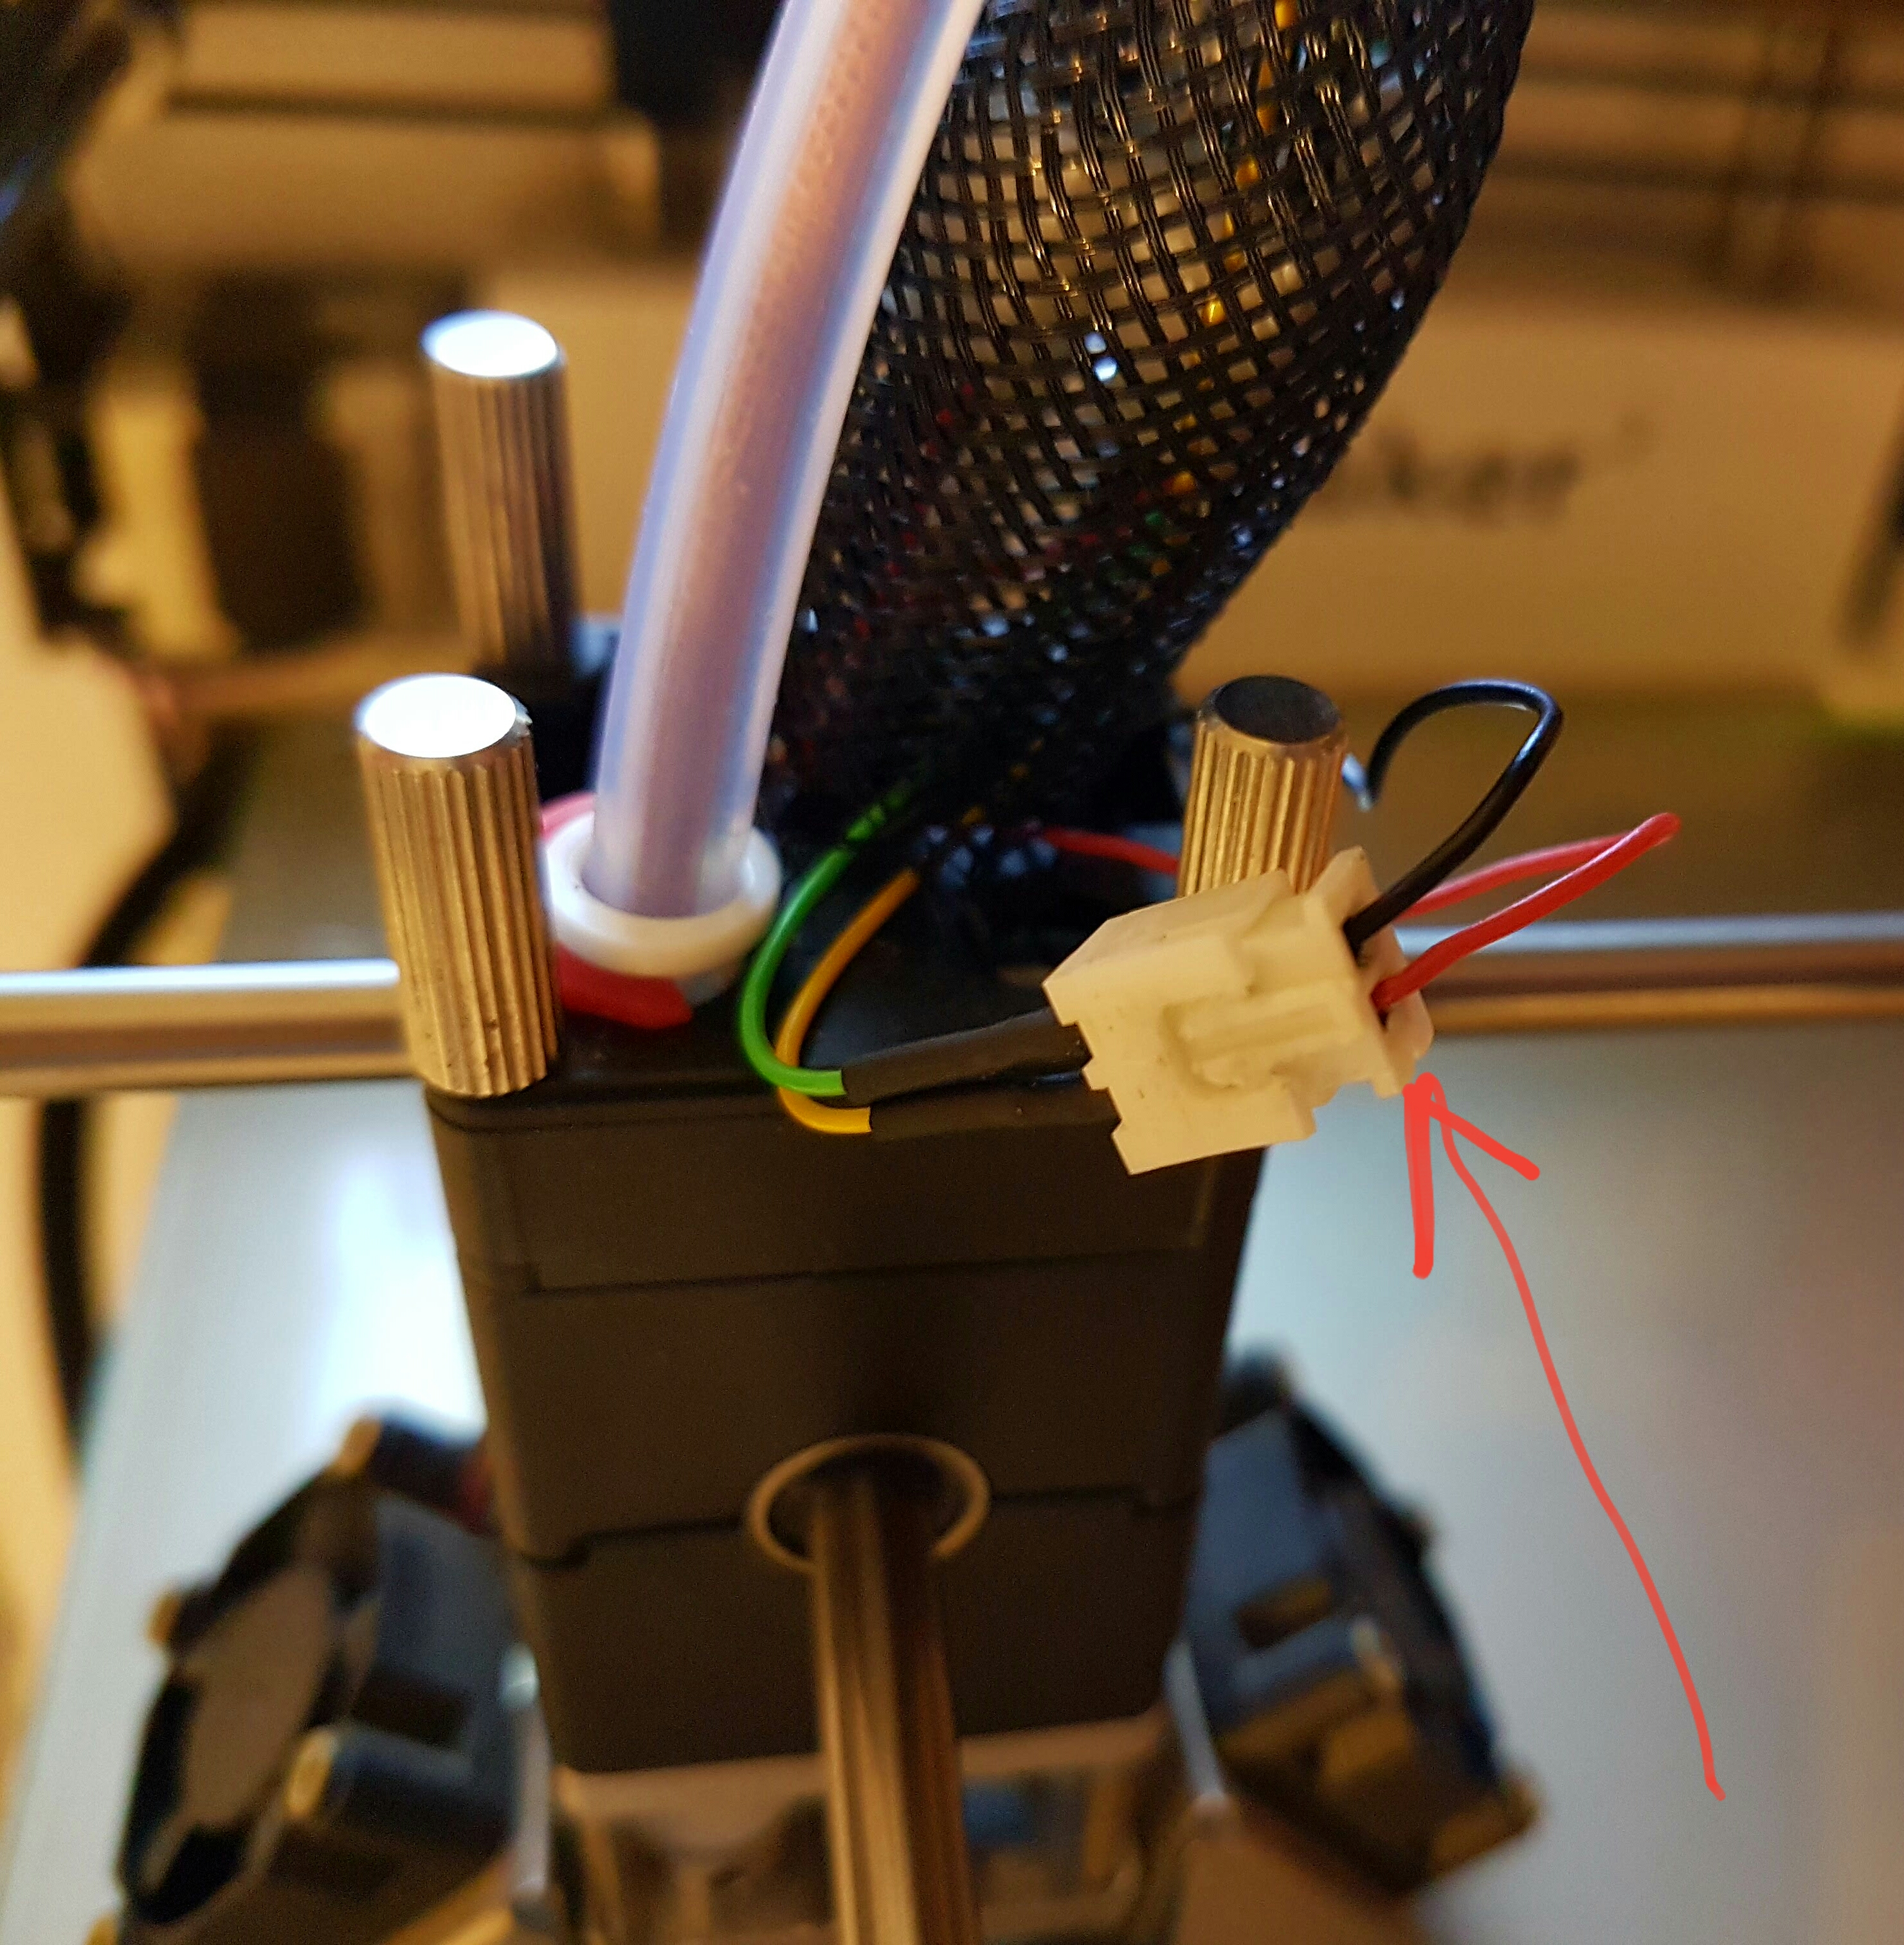 Um2 Is Dead After Short Circuit Ultimaker 3d Printers Electronics 5a3327b8b88ec Shortcircuitthumb1c8b058e0216aec482d8758307bf1a39